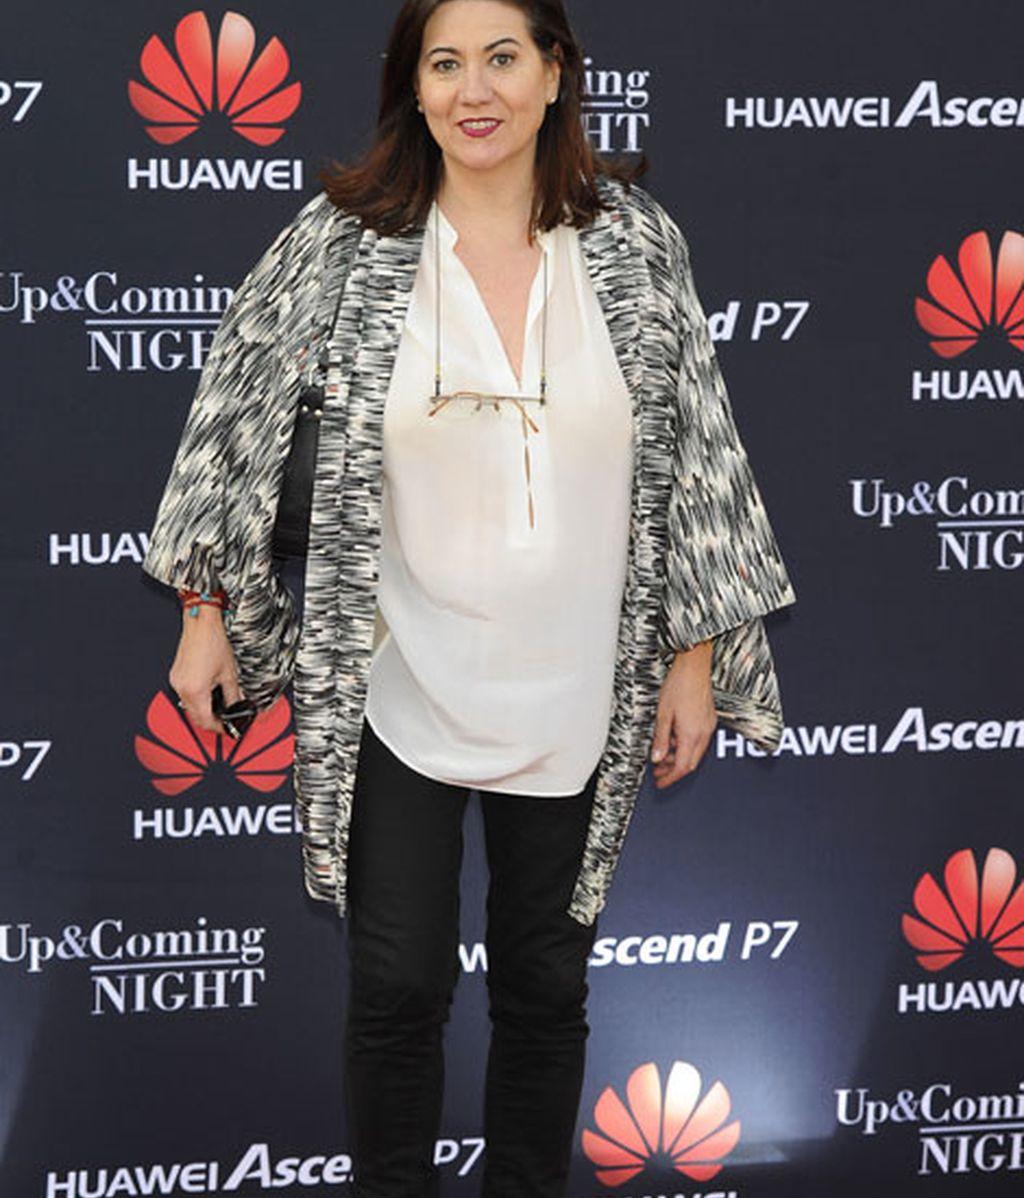 La actriz Lluisa Martín también apostó por un 'look' con pantalones negros